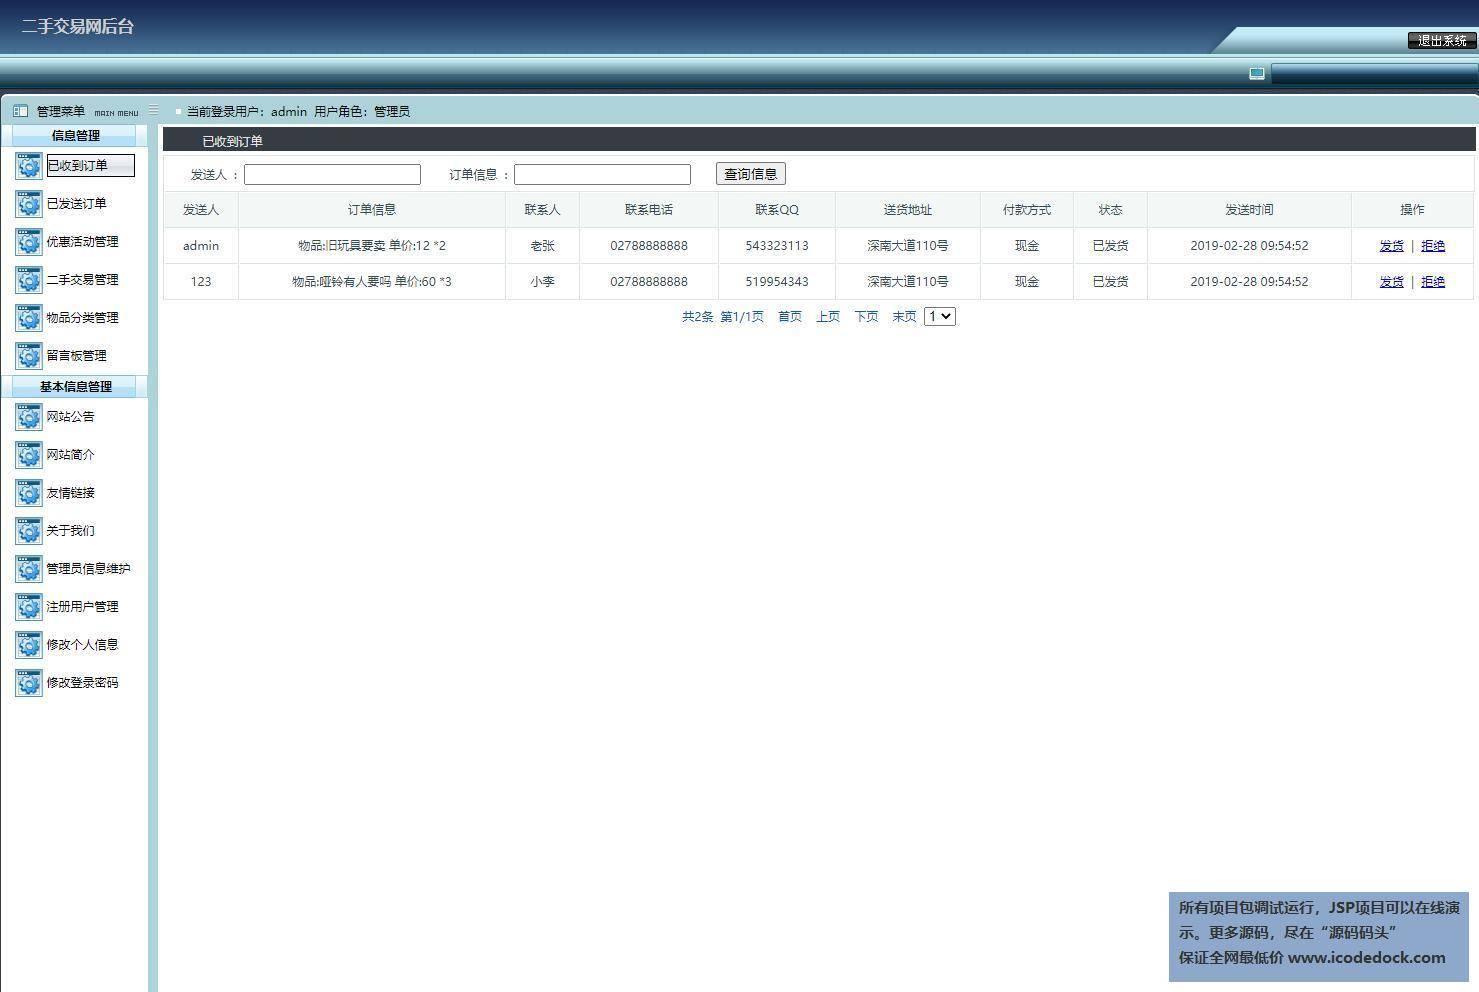 源码码头-JSP校园二手物品交易平台网站-管理员角色-订单管理